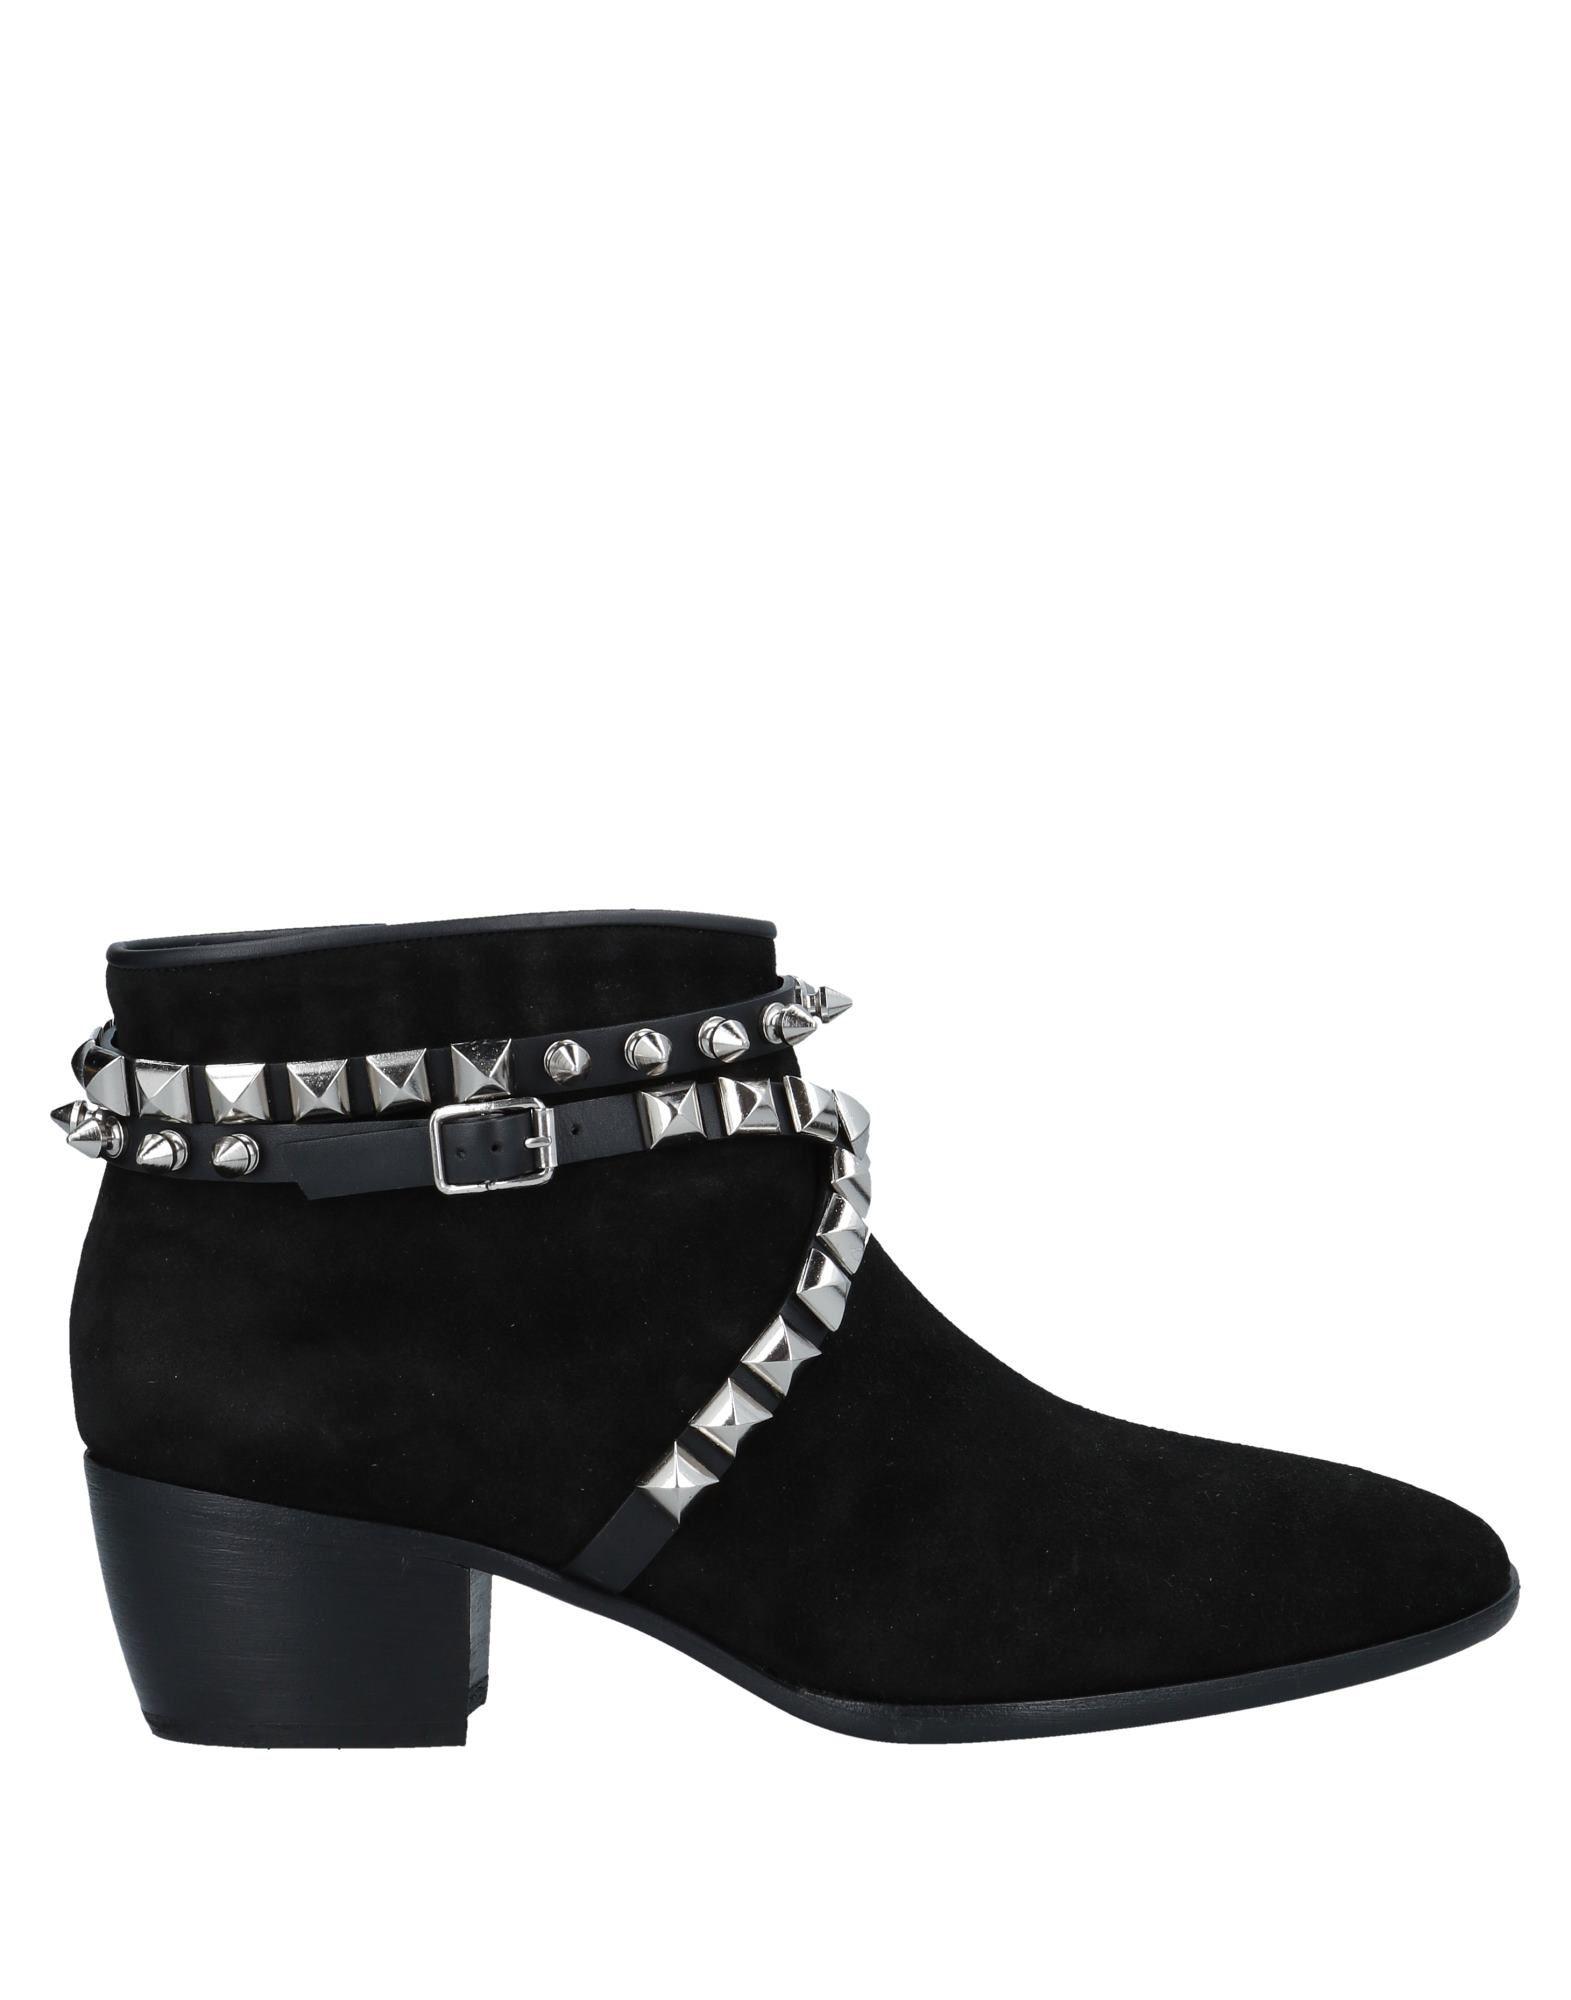 Giuseppe Zanotti Stiefelette Herren  11544506VJ Gute Qualität beliebte Schuhe